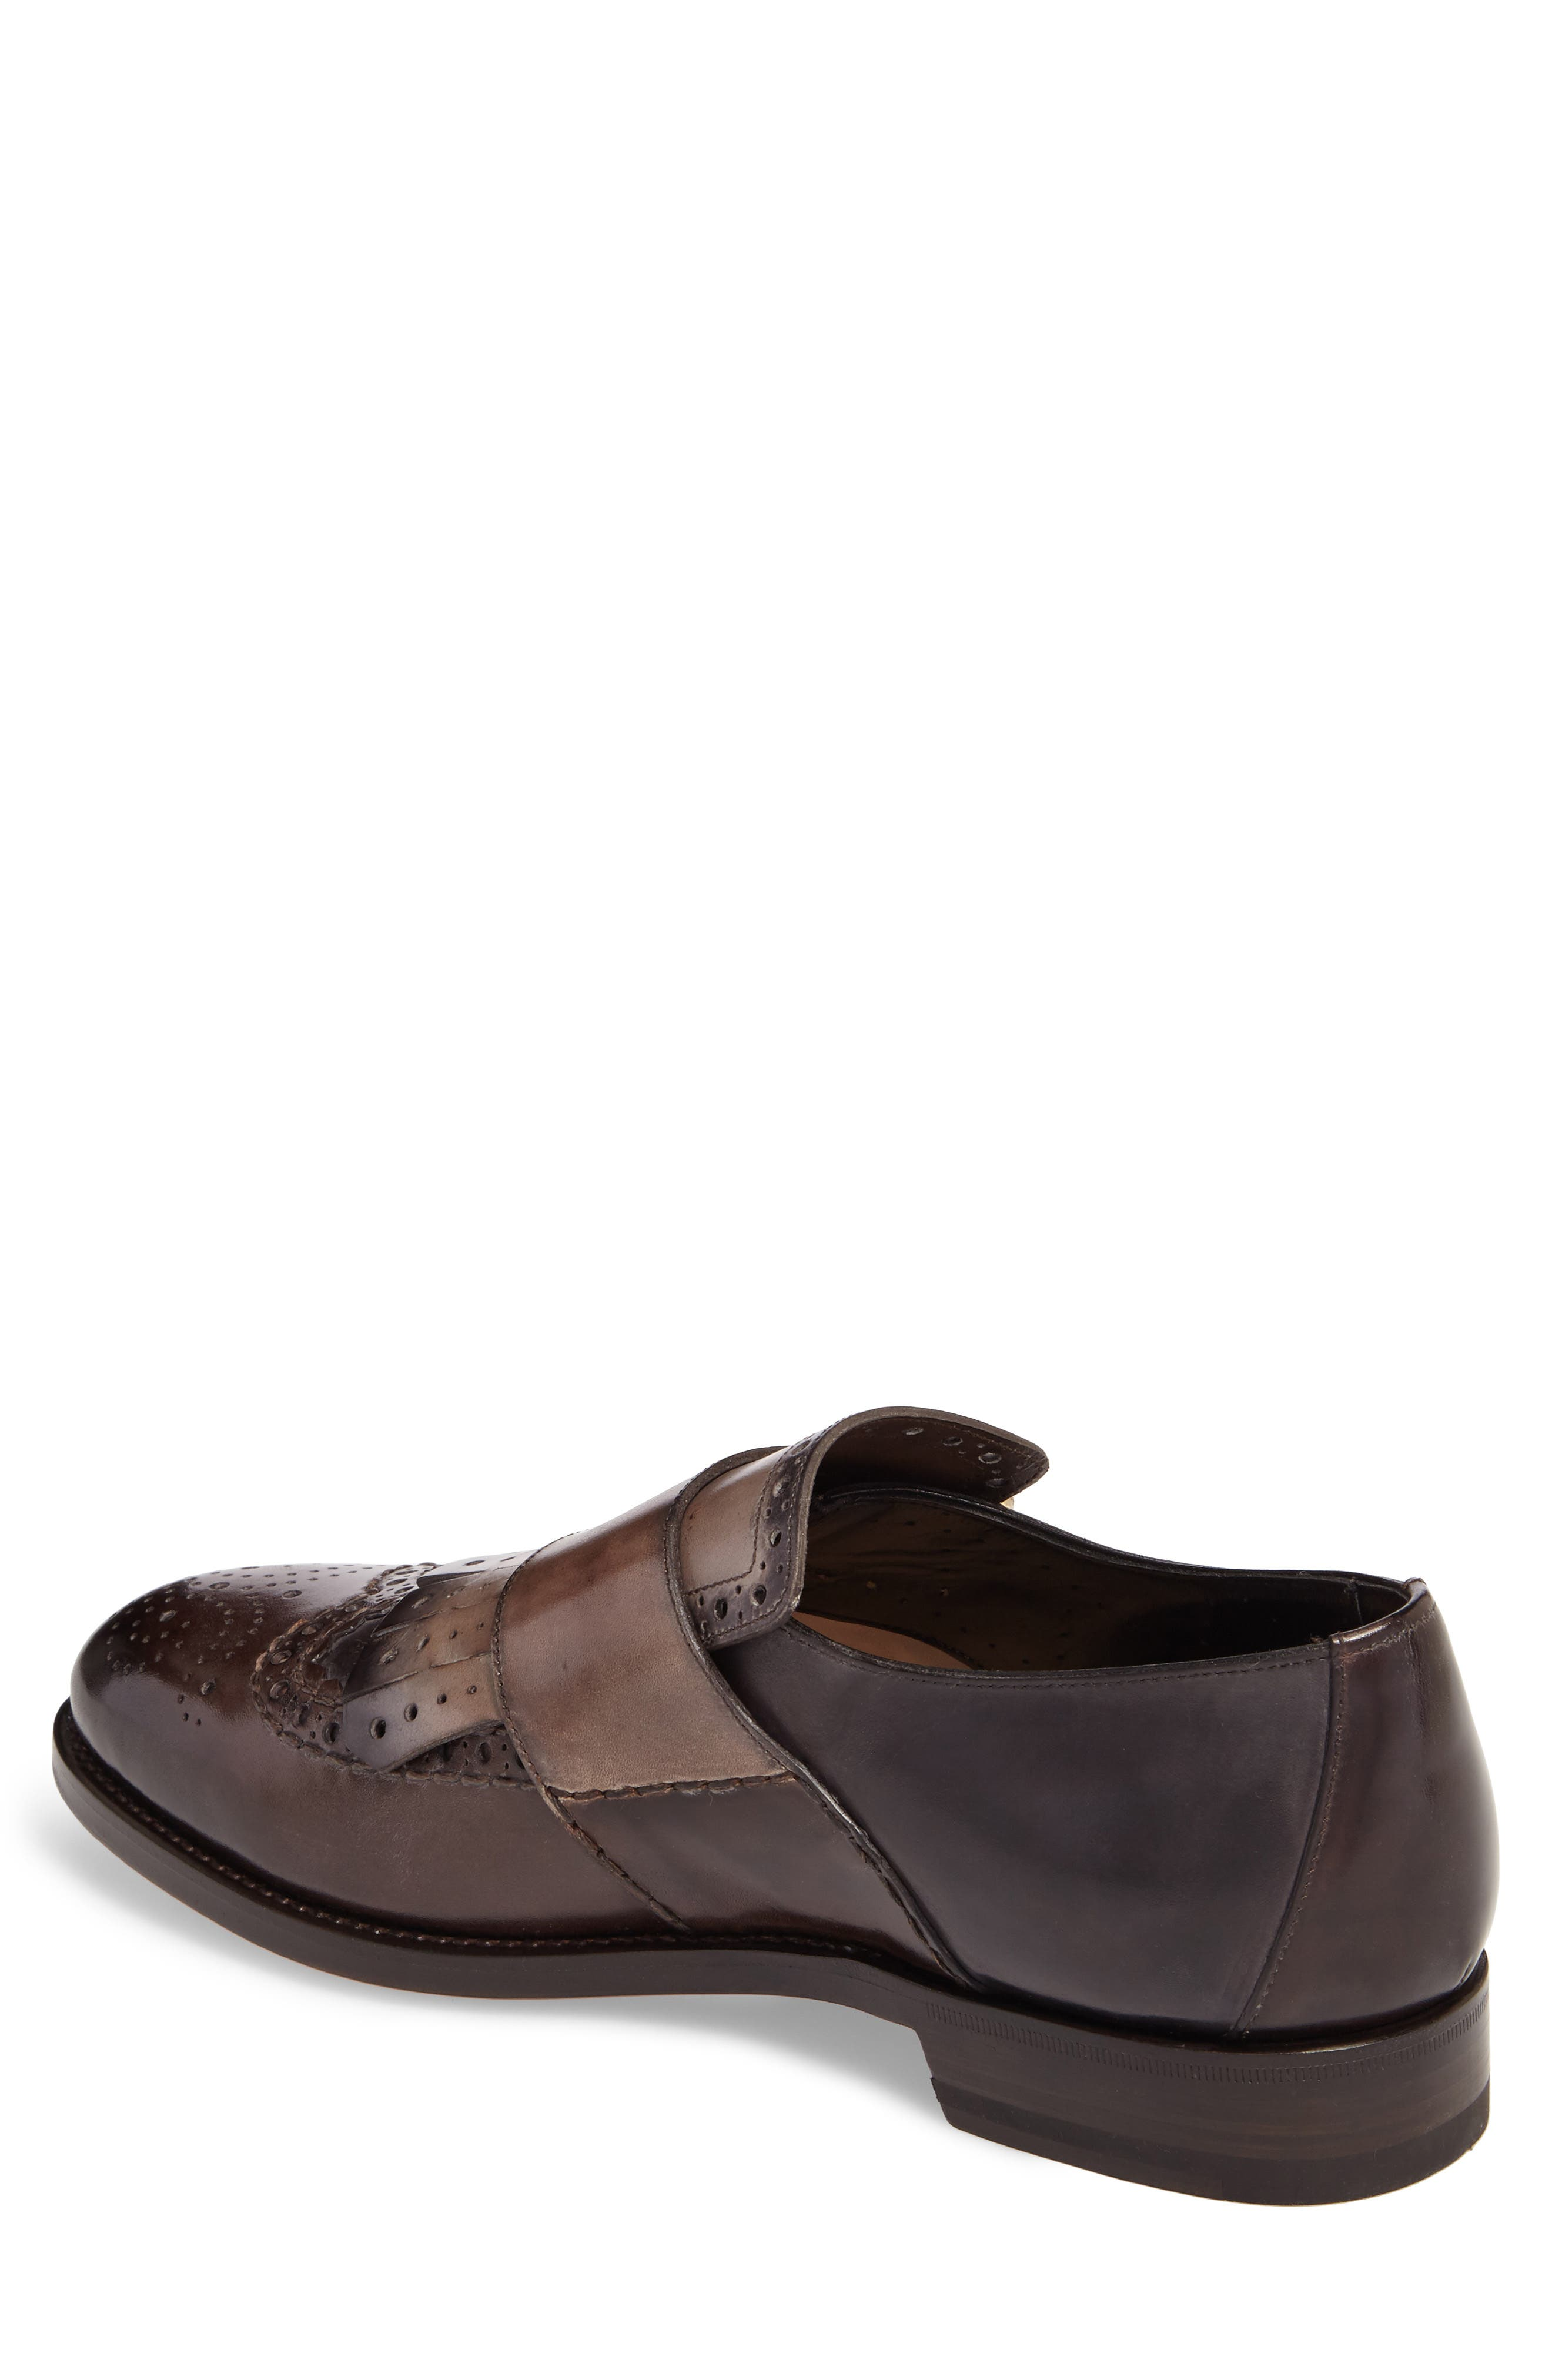 Goodwin Double Monk Strap Shoe,                             Alternate thumbnail 2, color,                             030